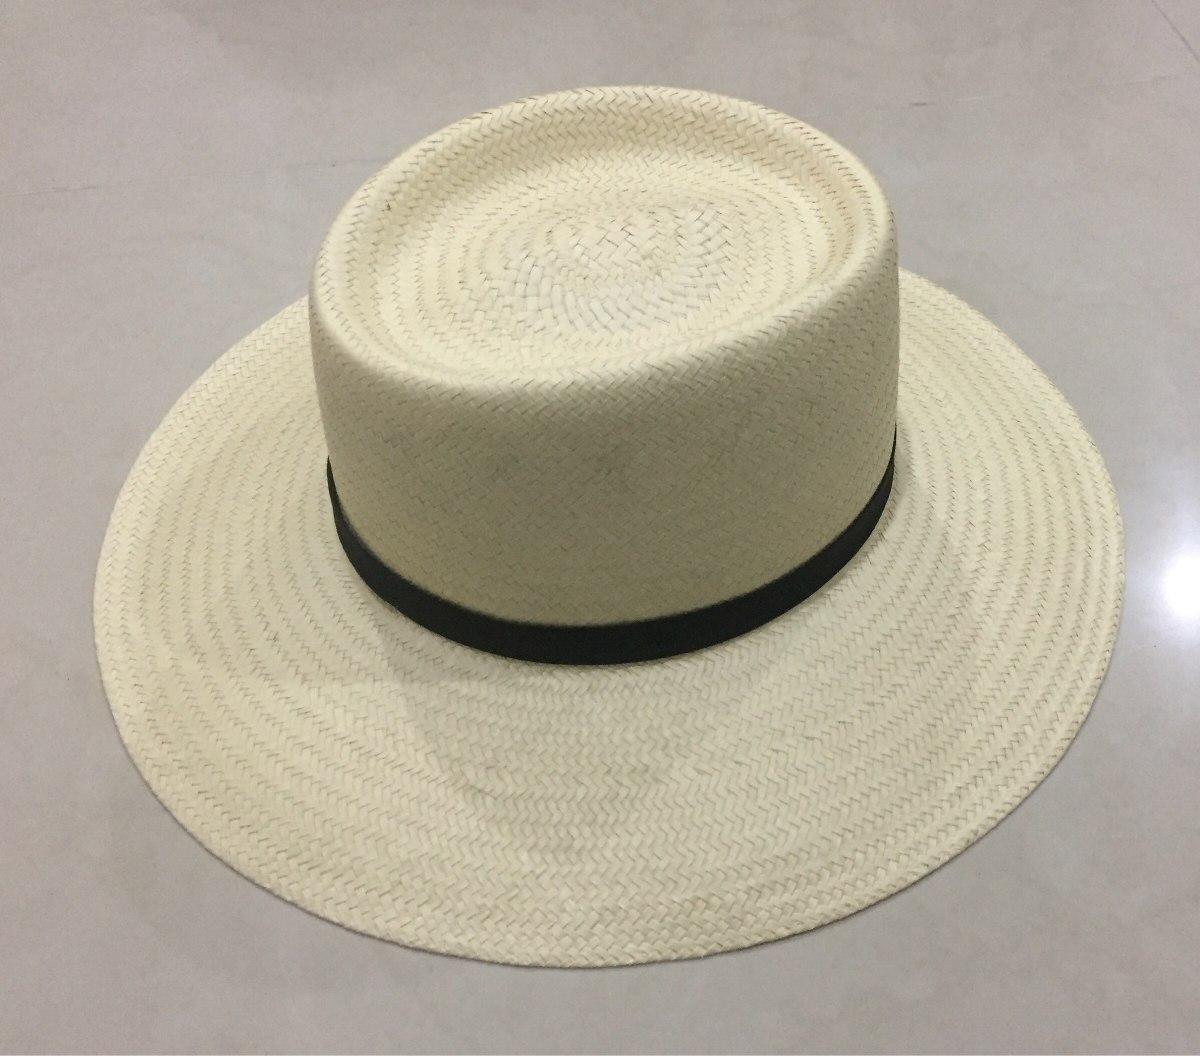 737d9c17dee38 sombrero panamá de palma hecho a mano ala 8 cm yucateco. Cargando zoom.